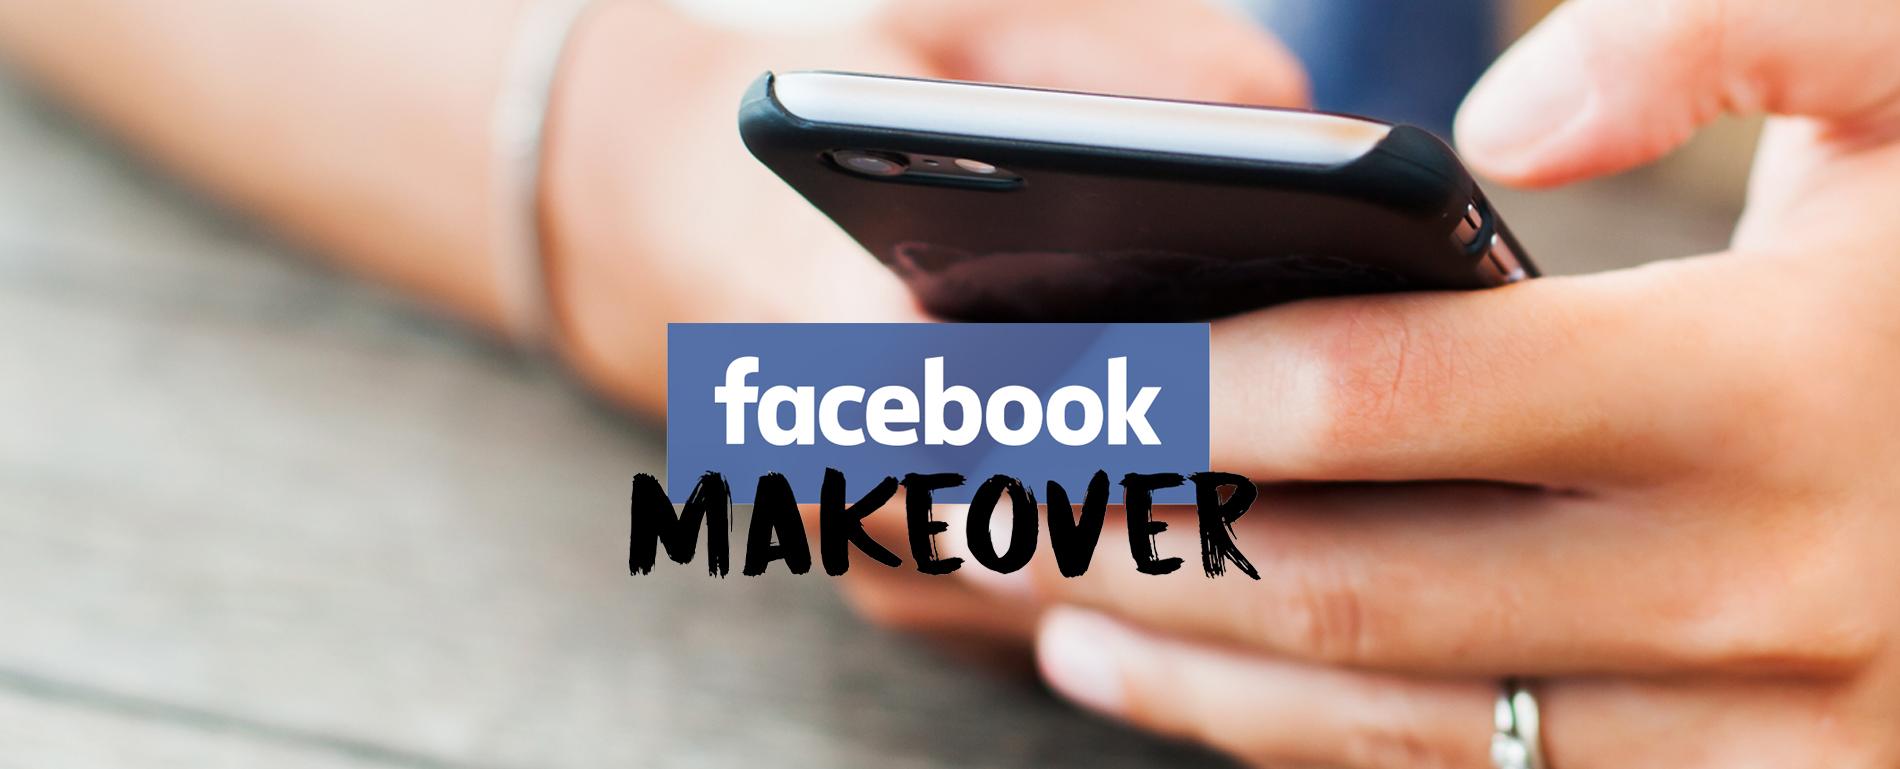 Facebook Makeover